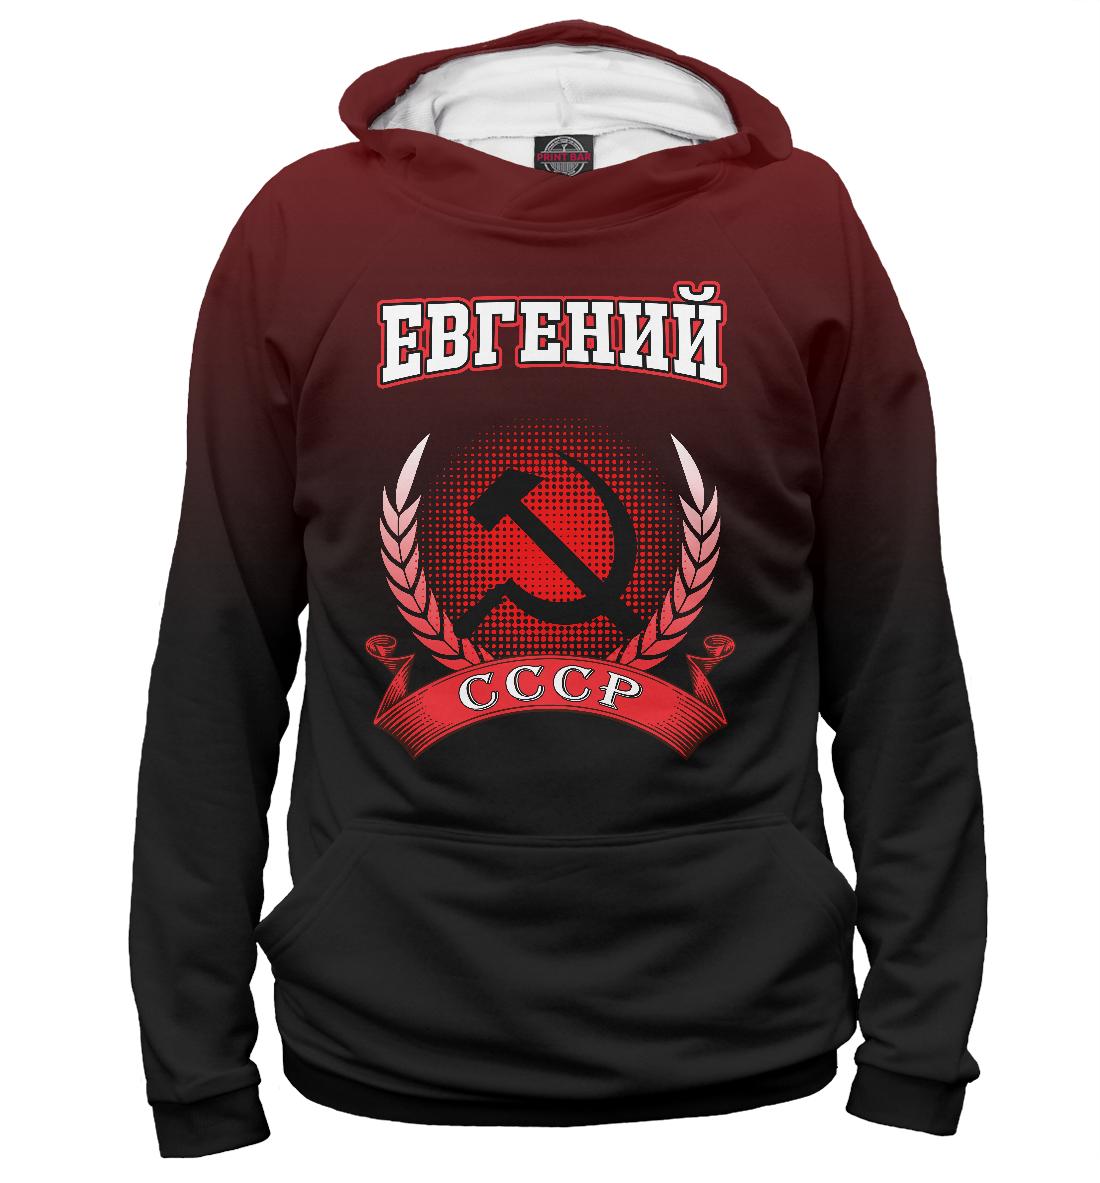 Купить Евгений, Printbar, Худи, EVG-551253-hud-1